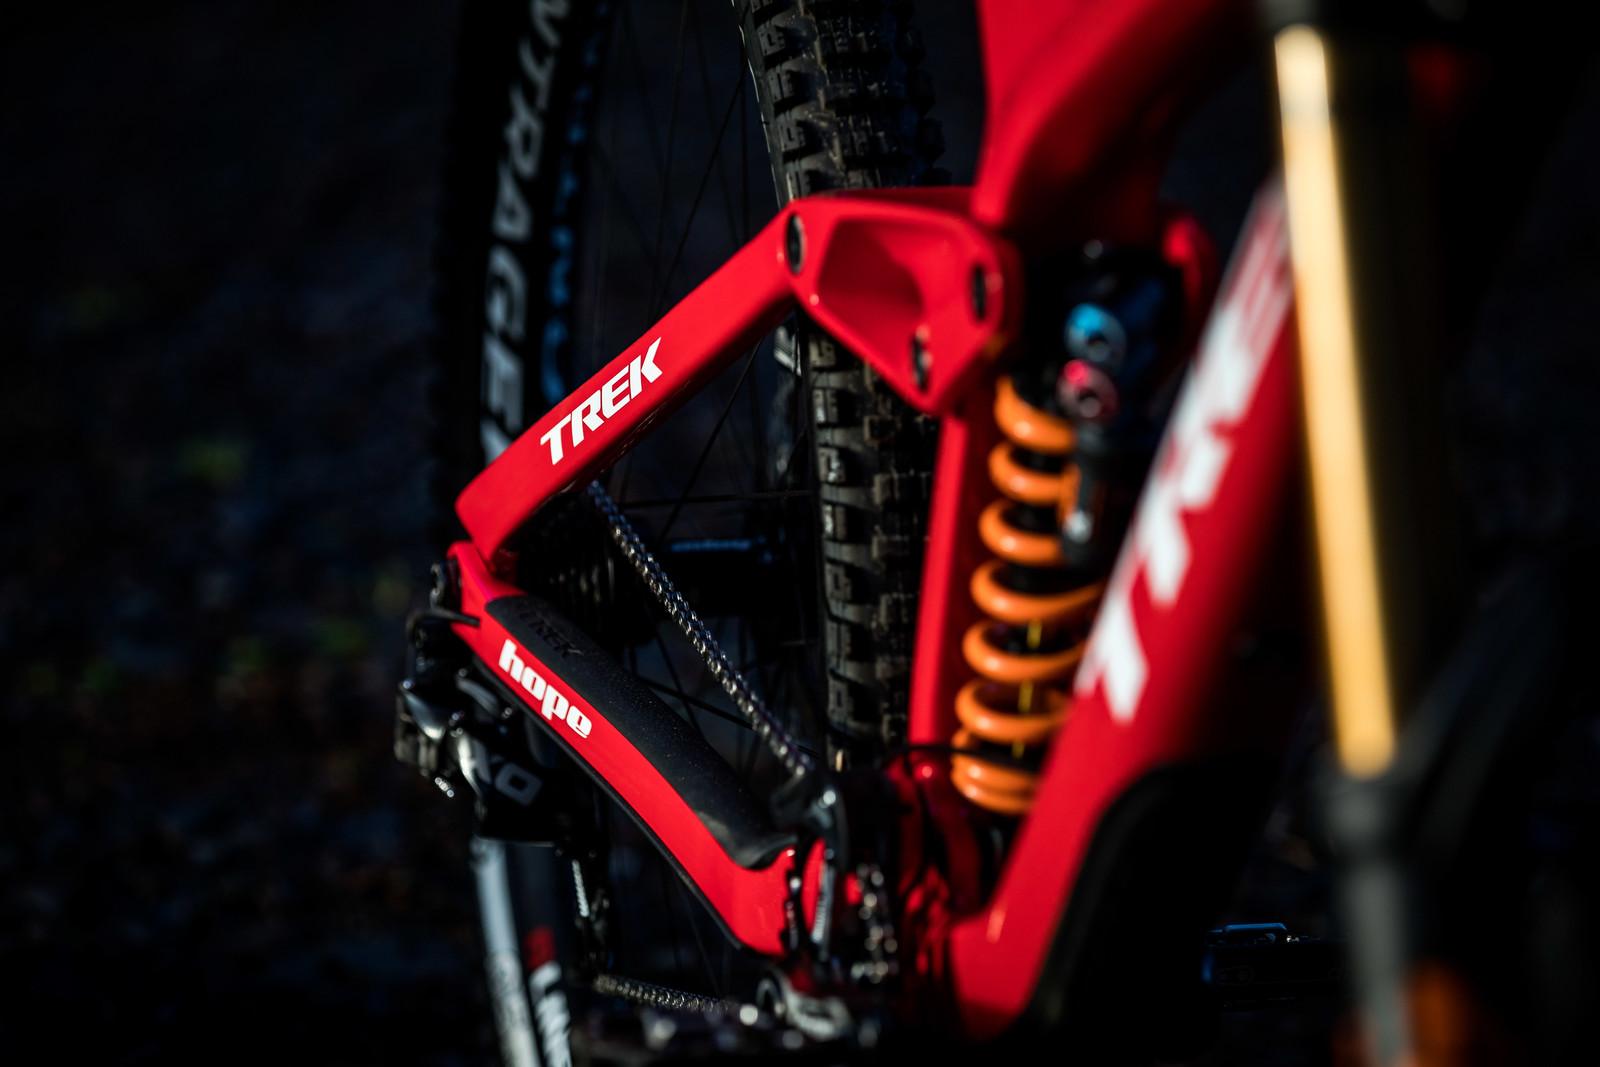 Ready for 2018 - Gee Atherton's 2018 Trek Session - Mountain Biking Pictures - Vital MTB